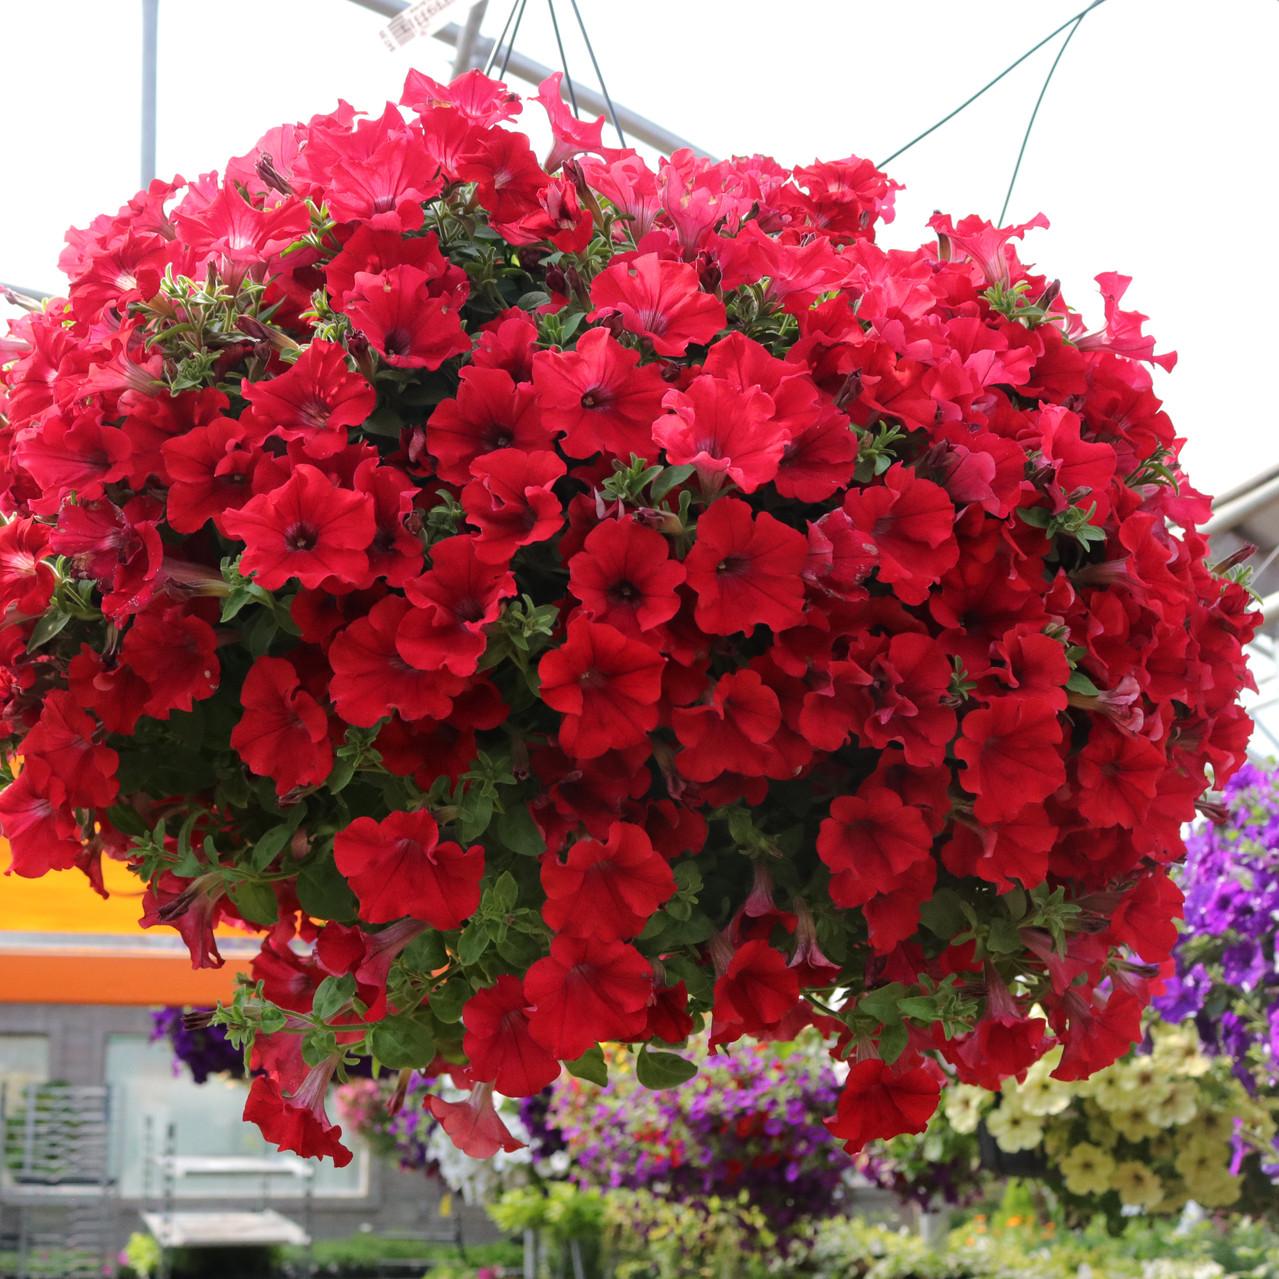 Red hanging basket